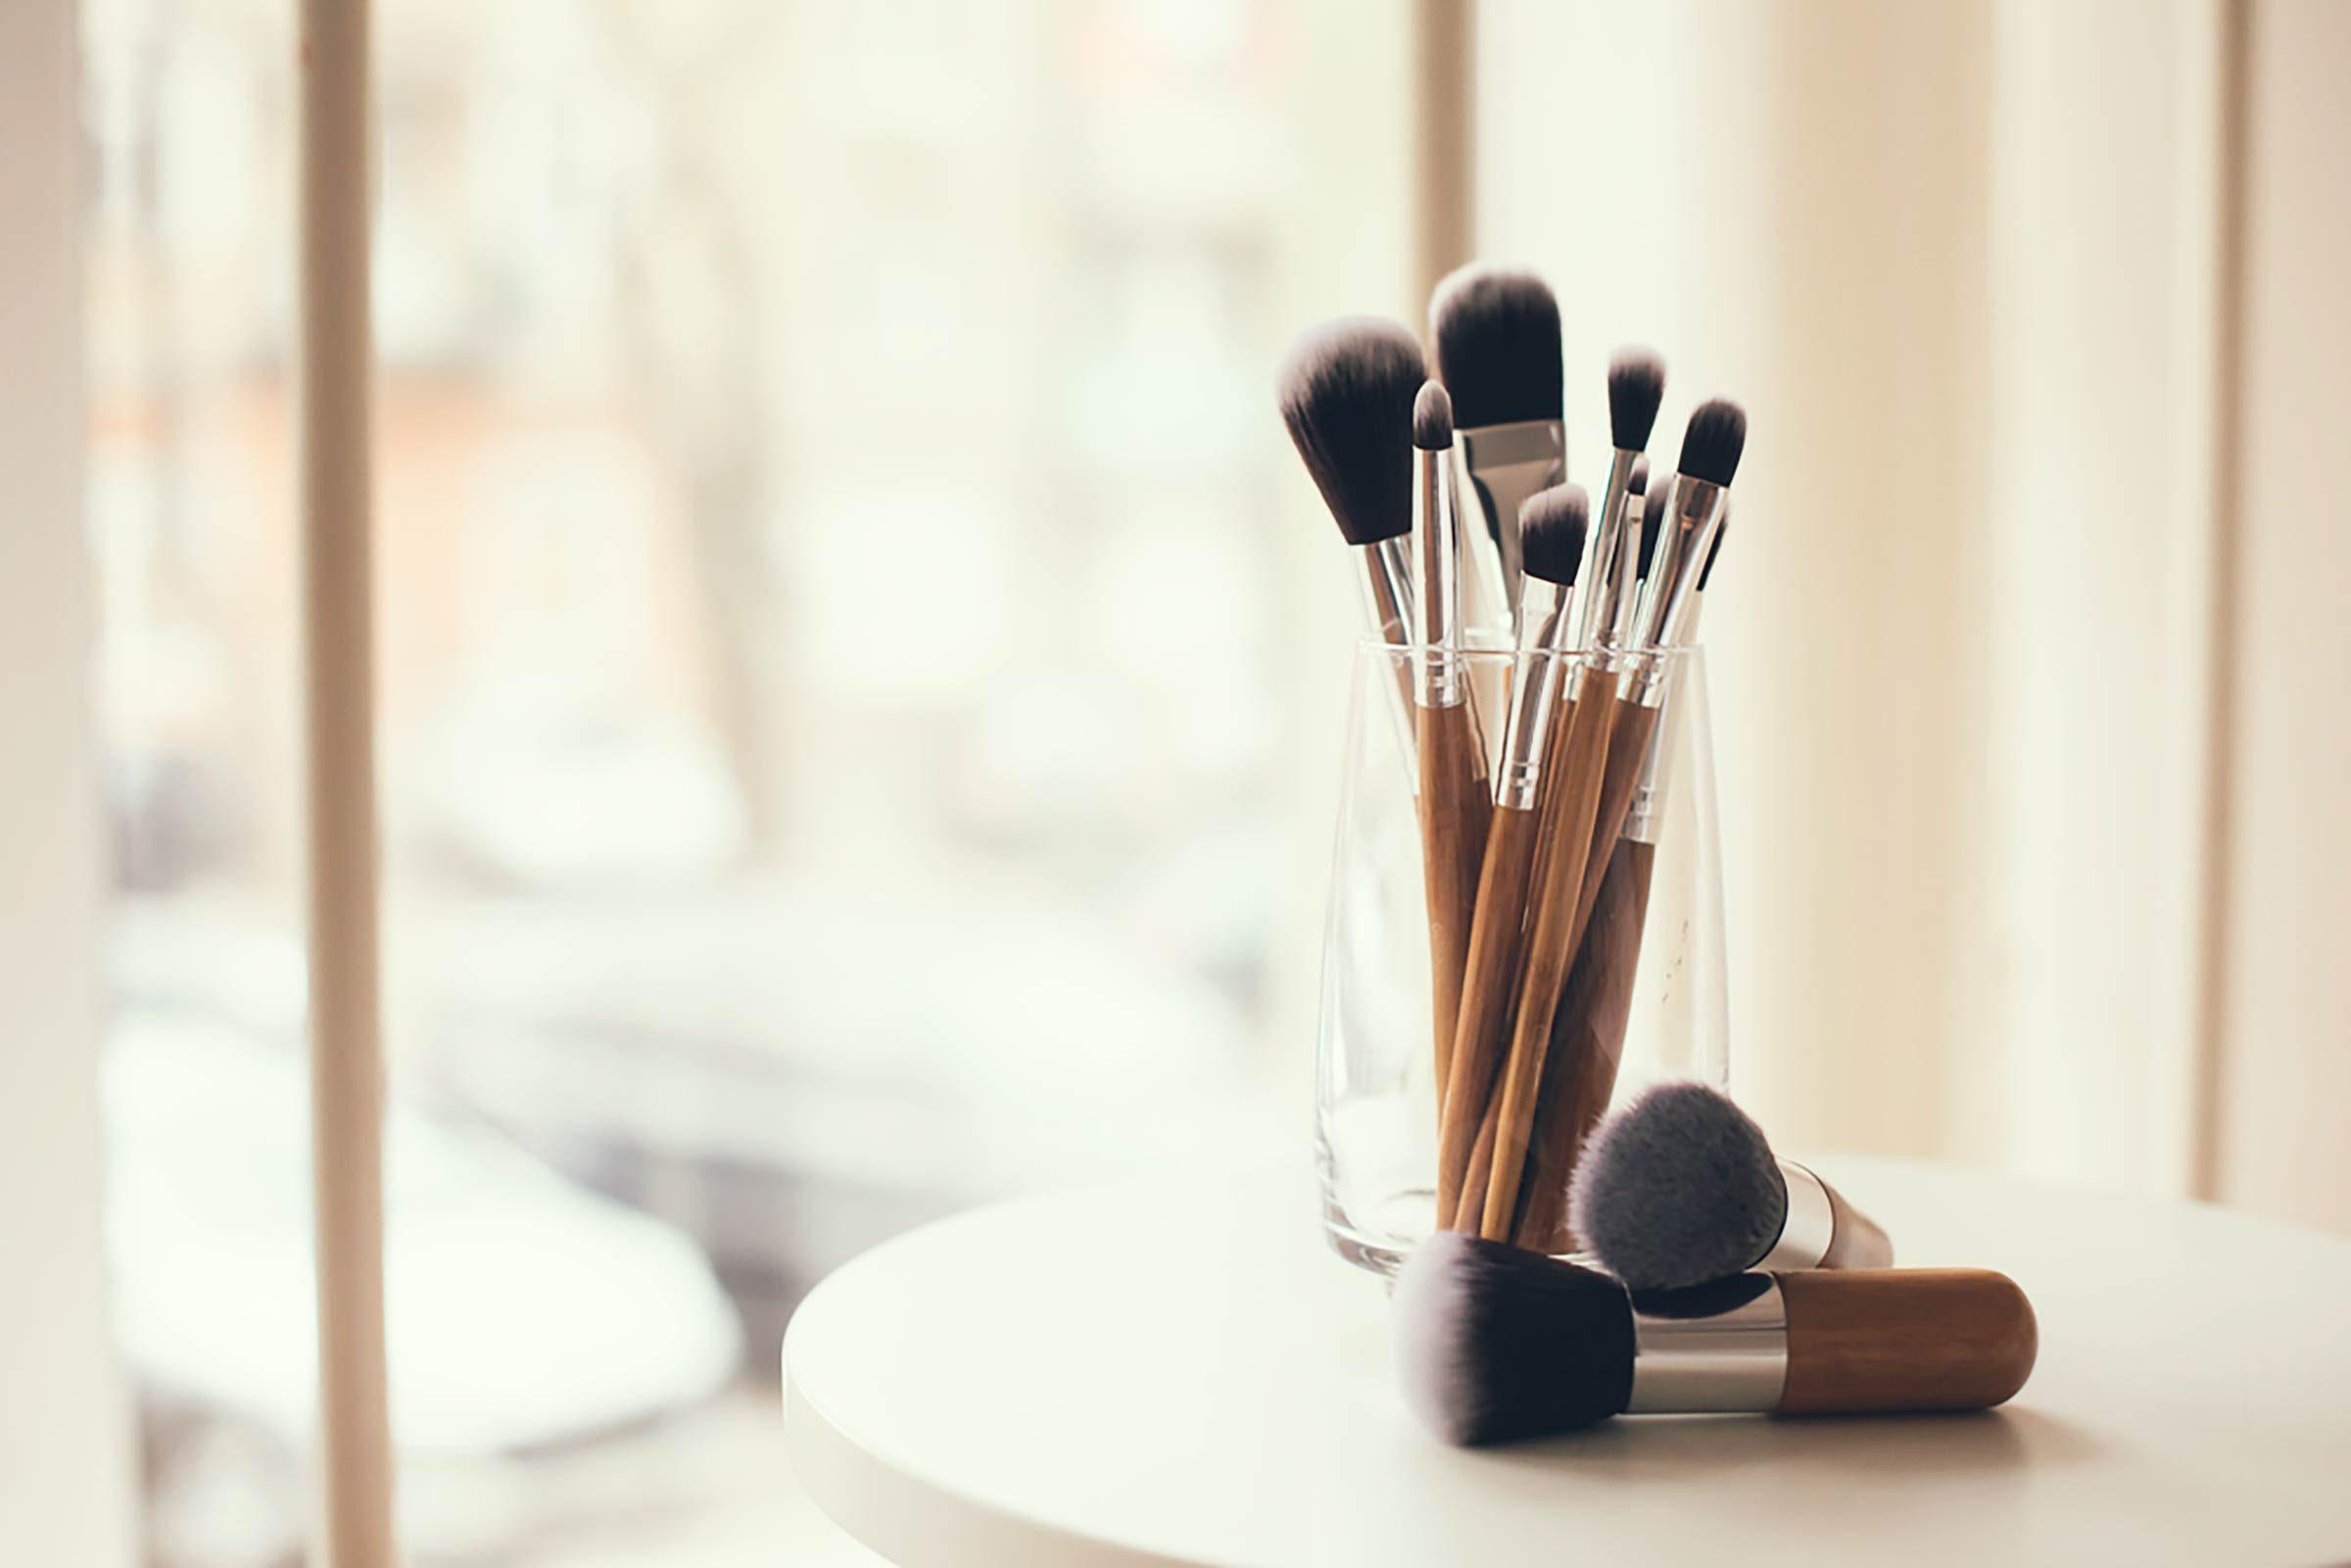 Beauté: Nettoyer les pinceaux et les brosses à maquillage avec du vinaigre de cidre